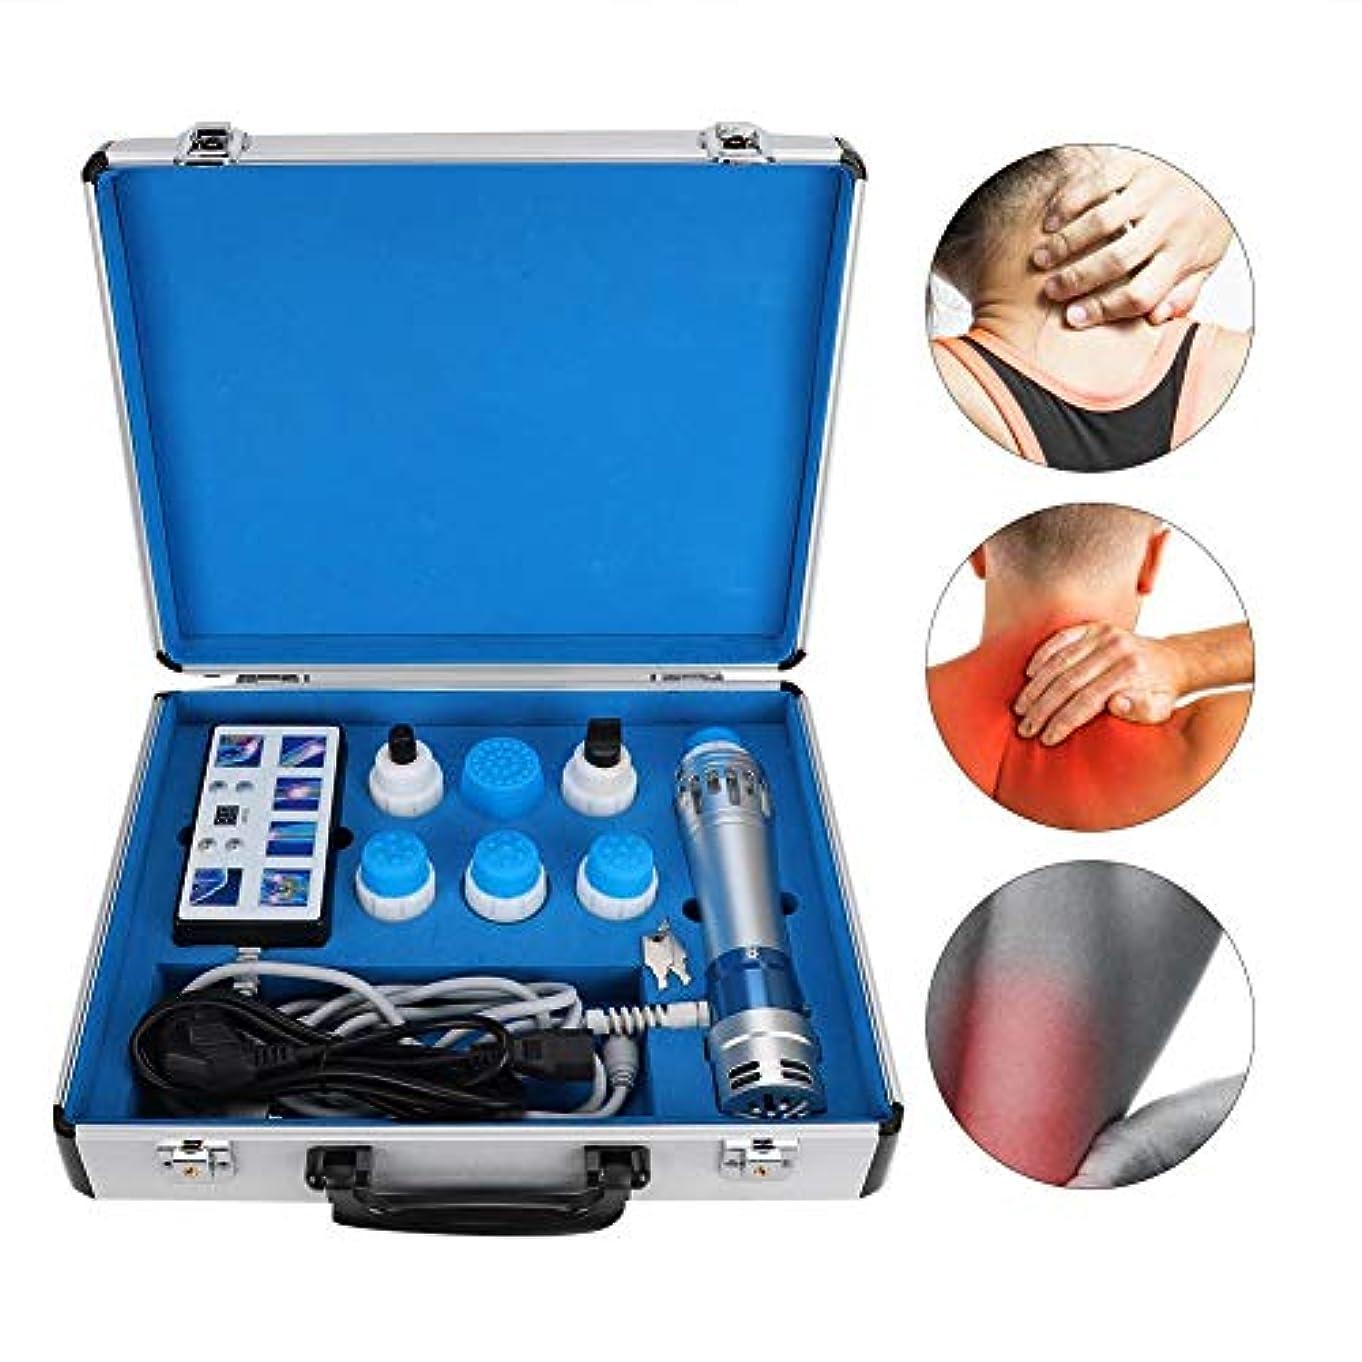 小人クリスチャンメディックED体外衝撃波治療器、多機能疼痛緩和マッサージ器(USプラグ110V)